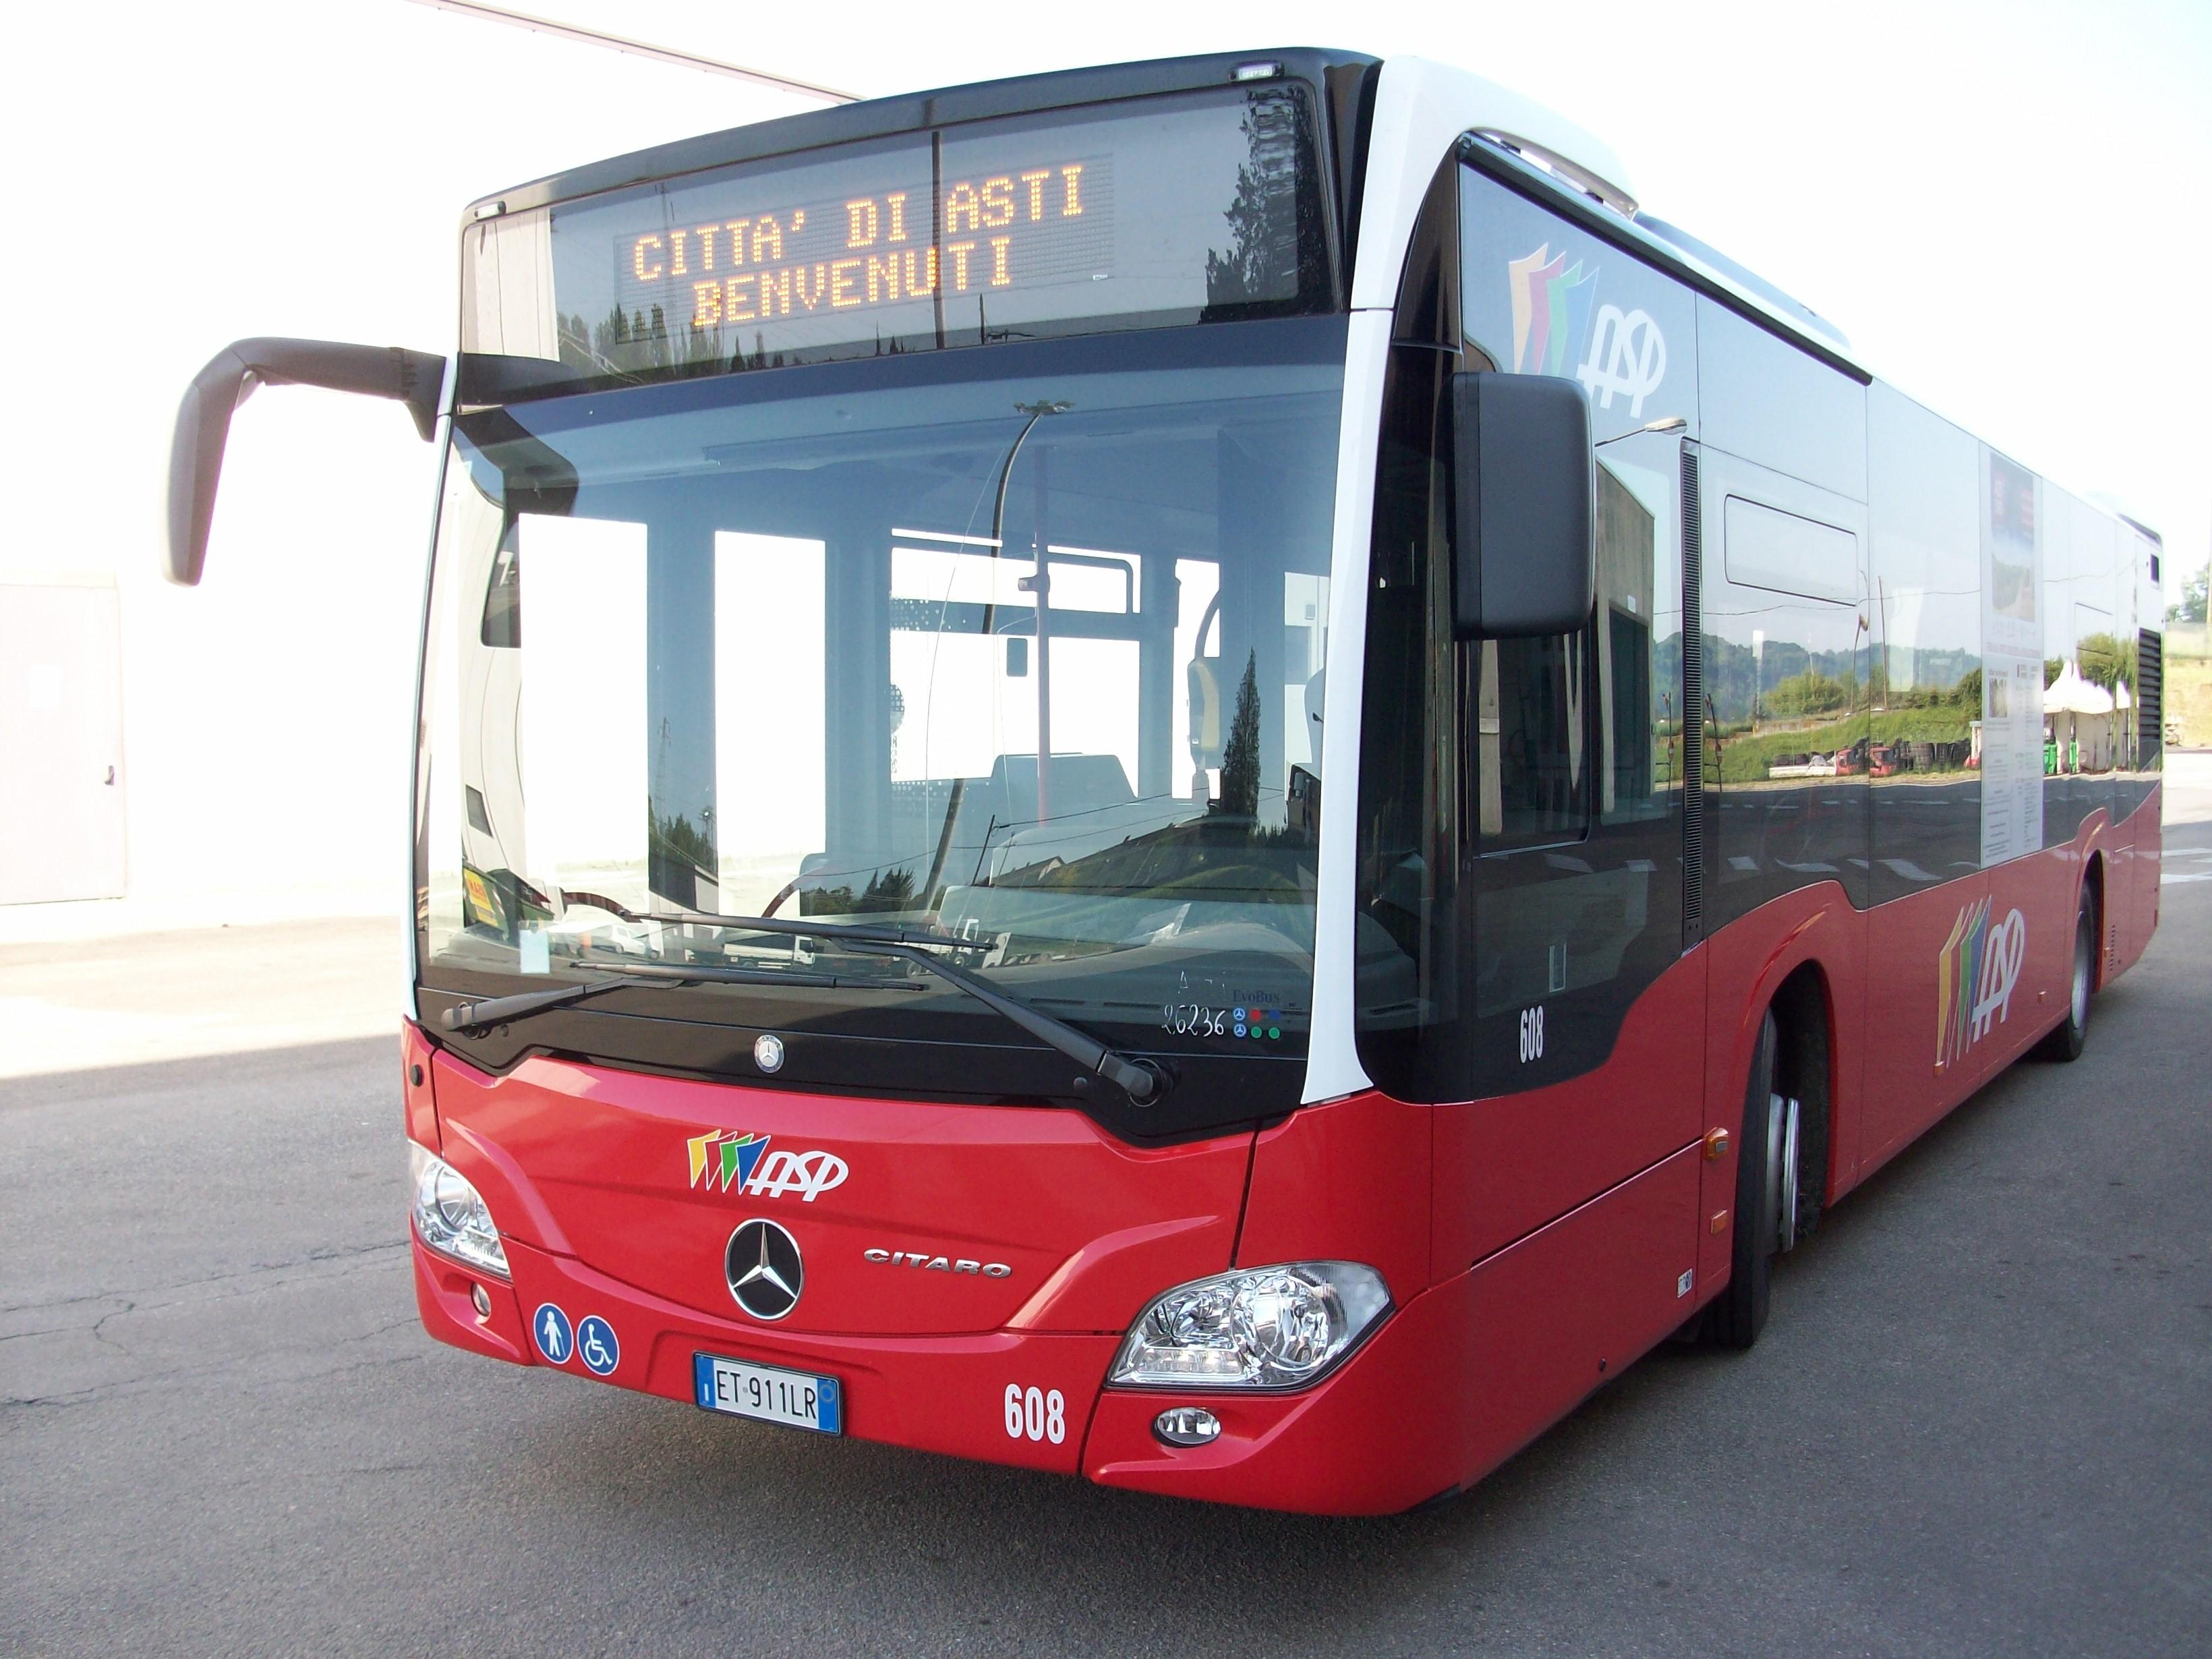 Dal 7 al 19 agosto da Montemarzo, Quarto-Valenzani e Revignano si va in Taxibus ad Asti